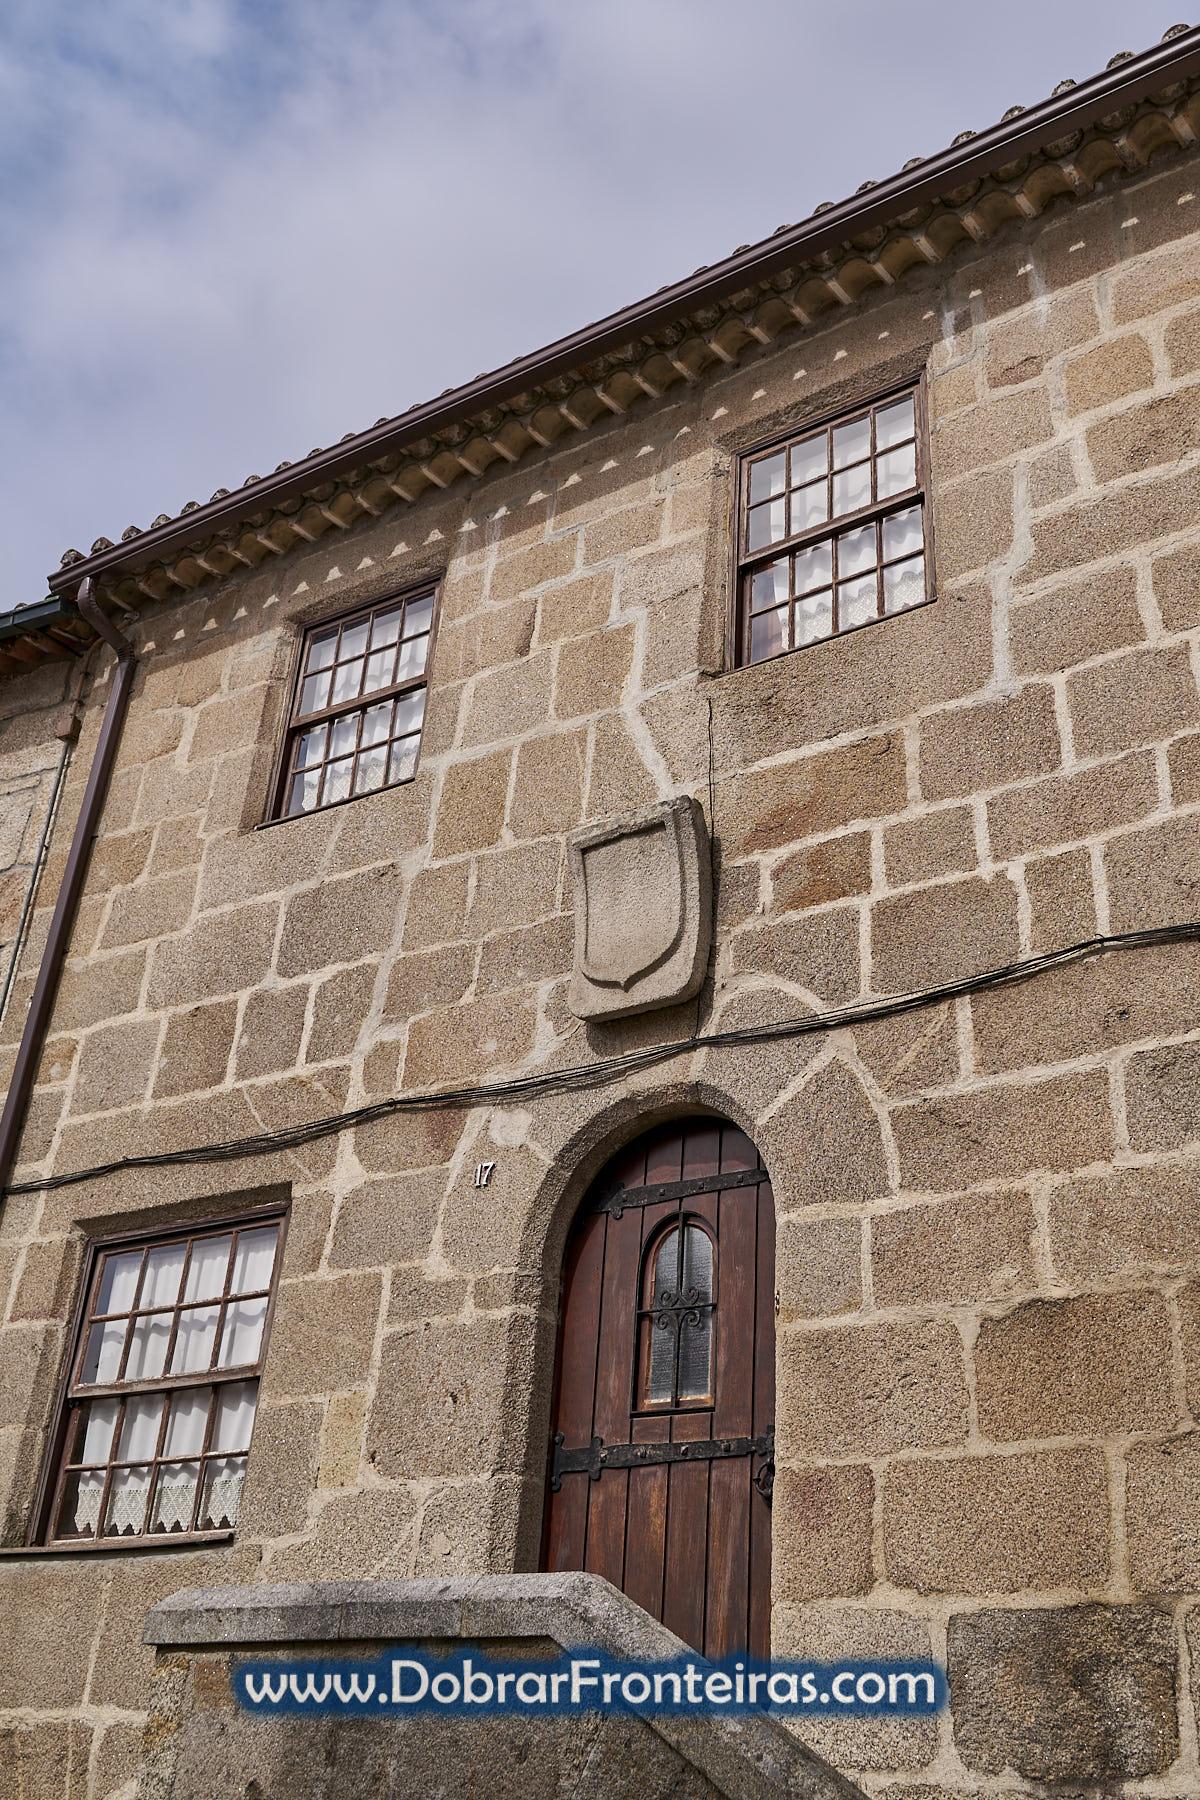 casa de granito com brasão dos Távoras